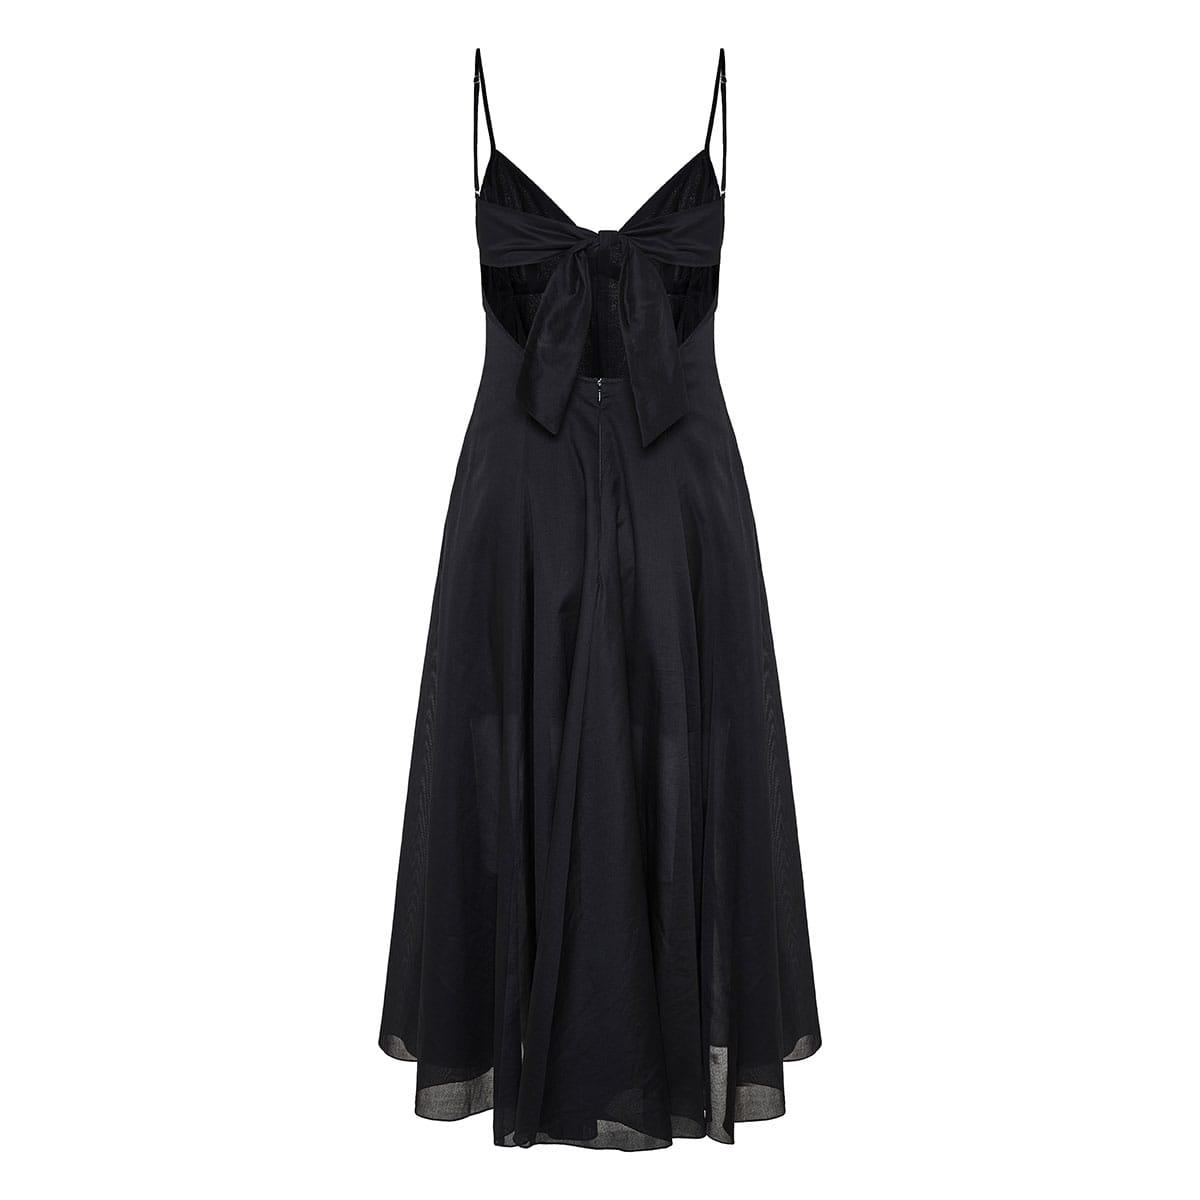 Carlota open-back long pleated dress